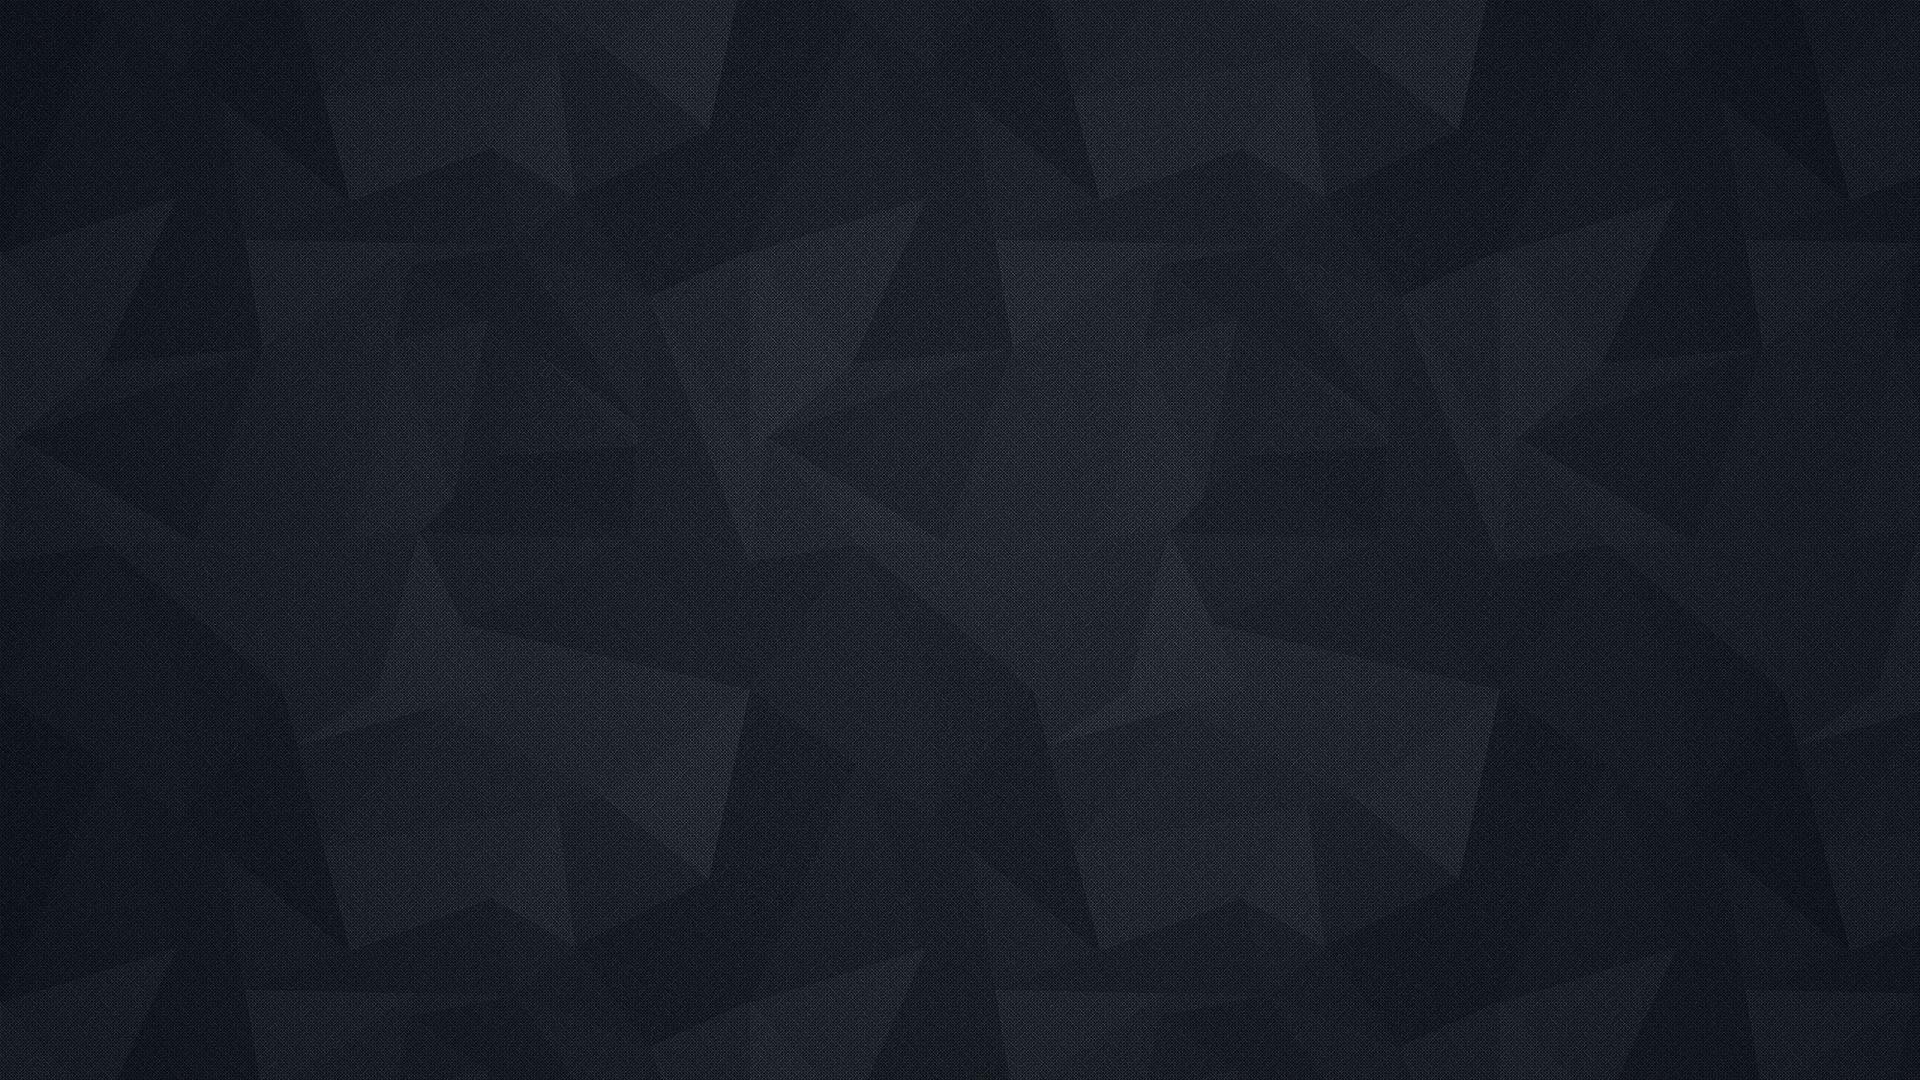 Dark Minimalist hd wallpaper for pc